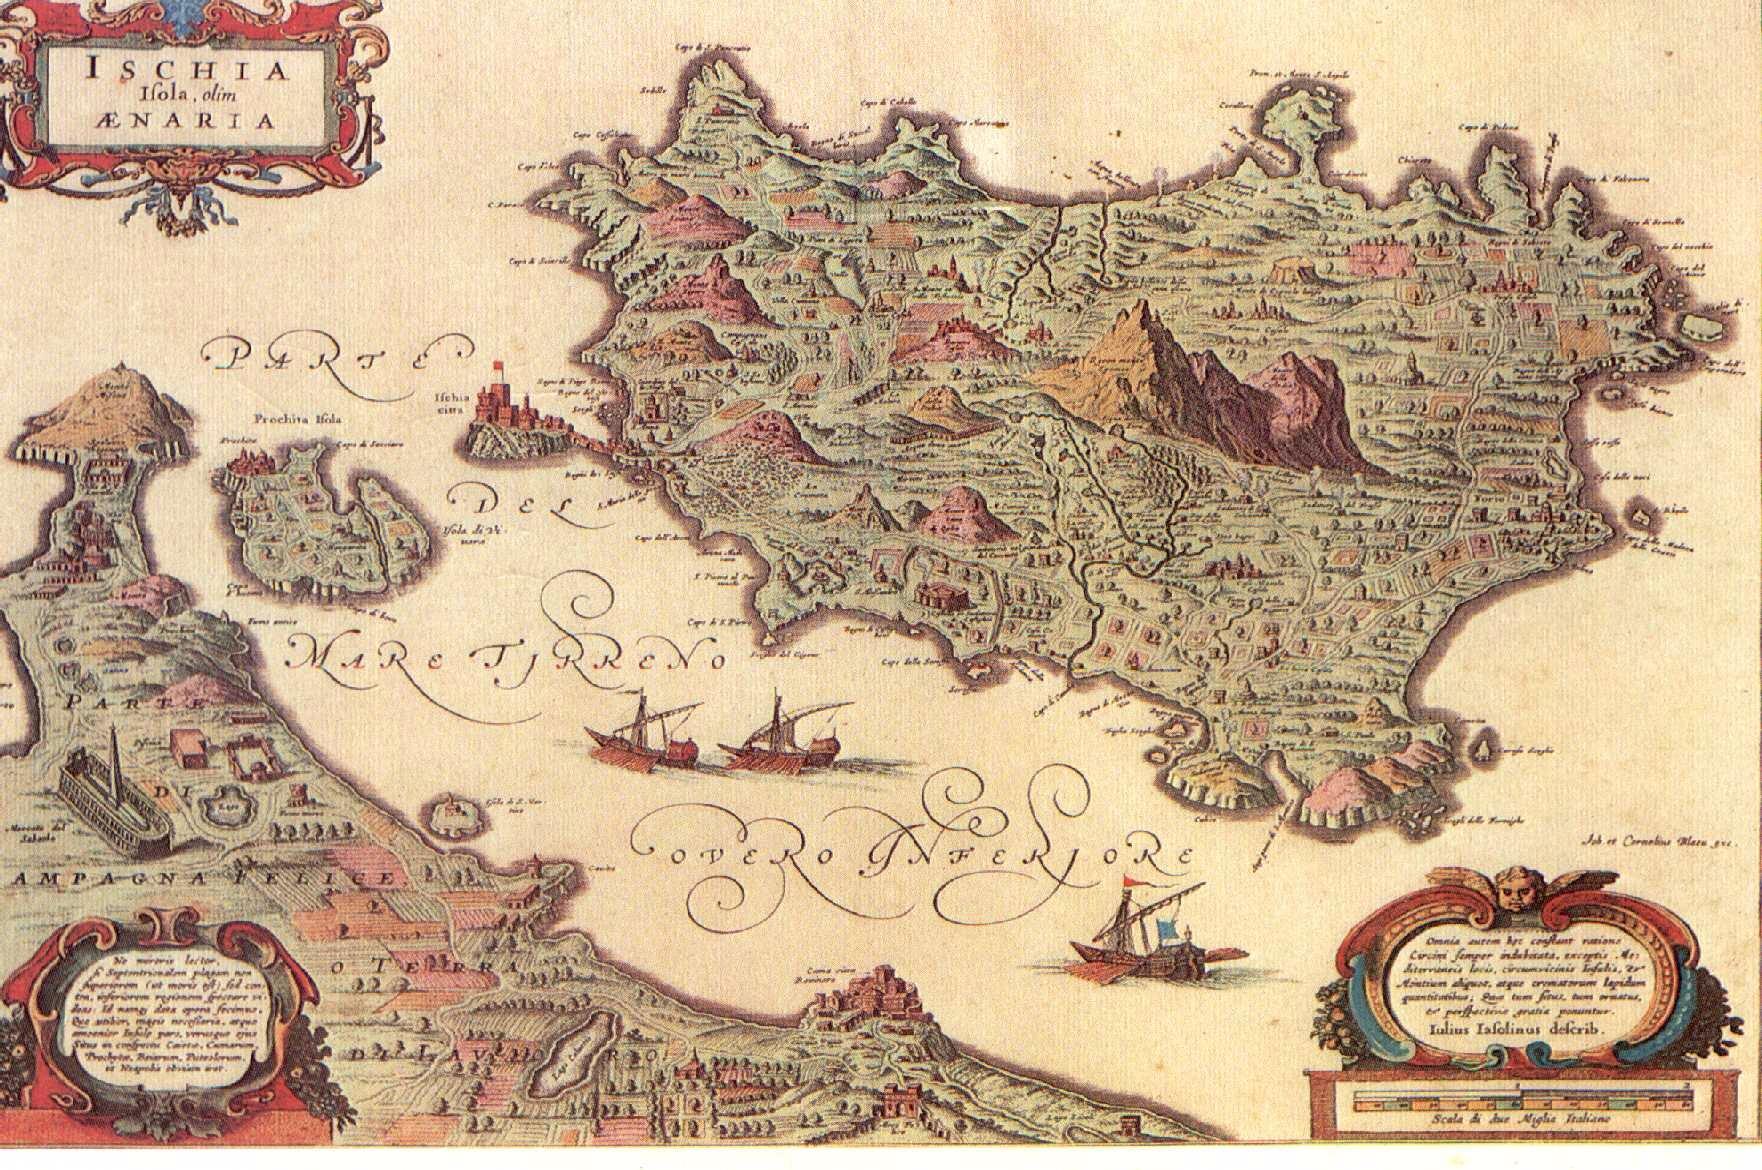 Antica Cartina dell'Isola d'Ischia